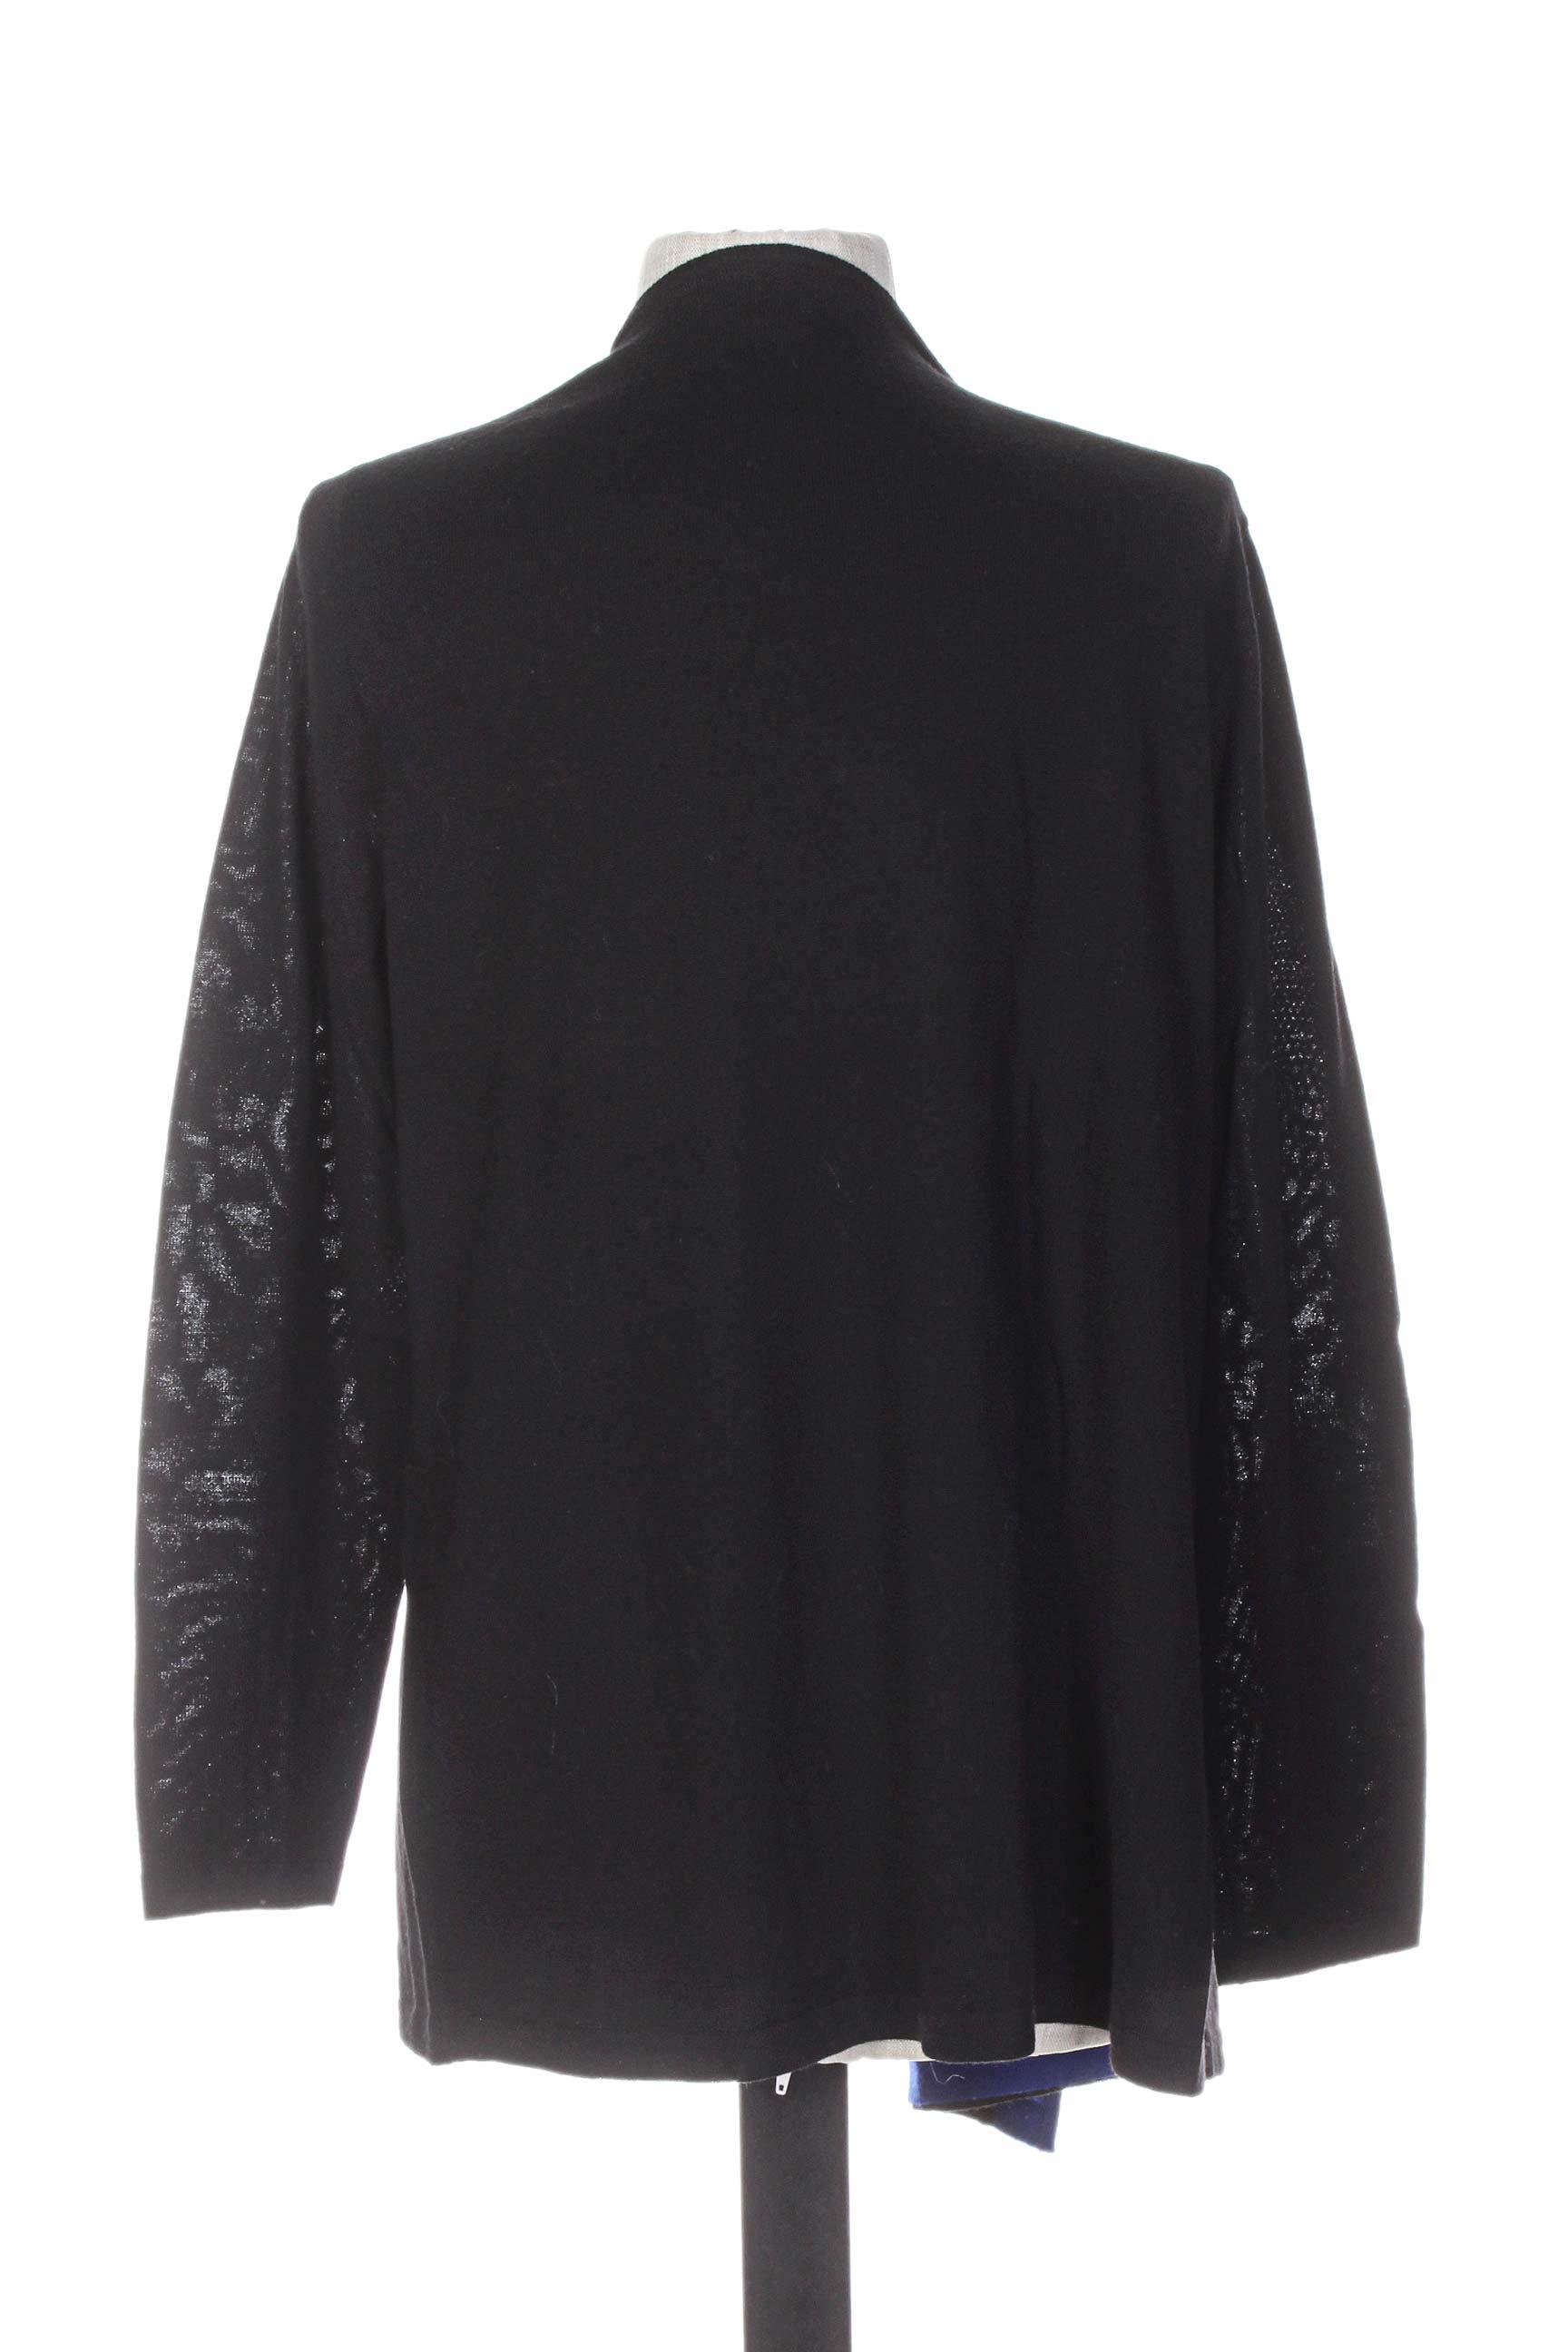 Basler Cardigans Femme De Couleur Noir En Soldes Pas Cher 1063305-noir00